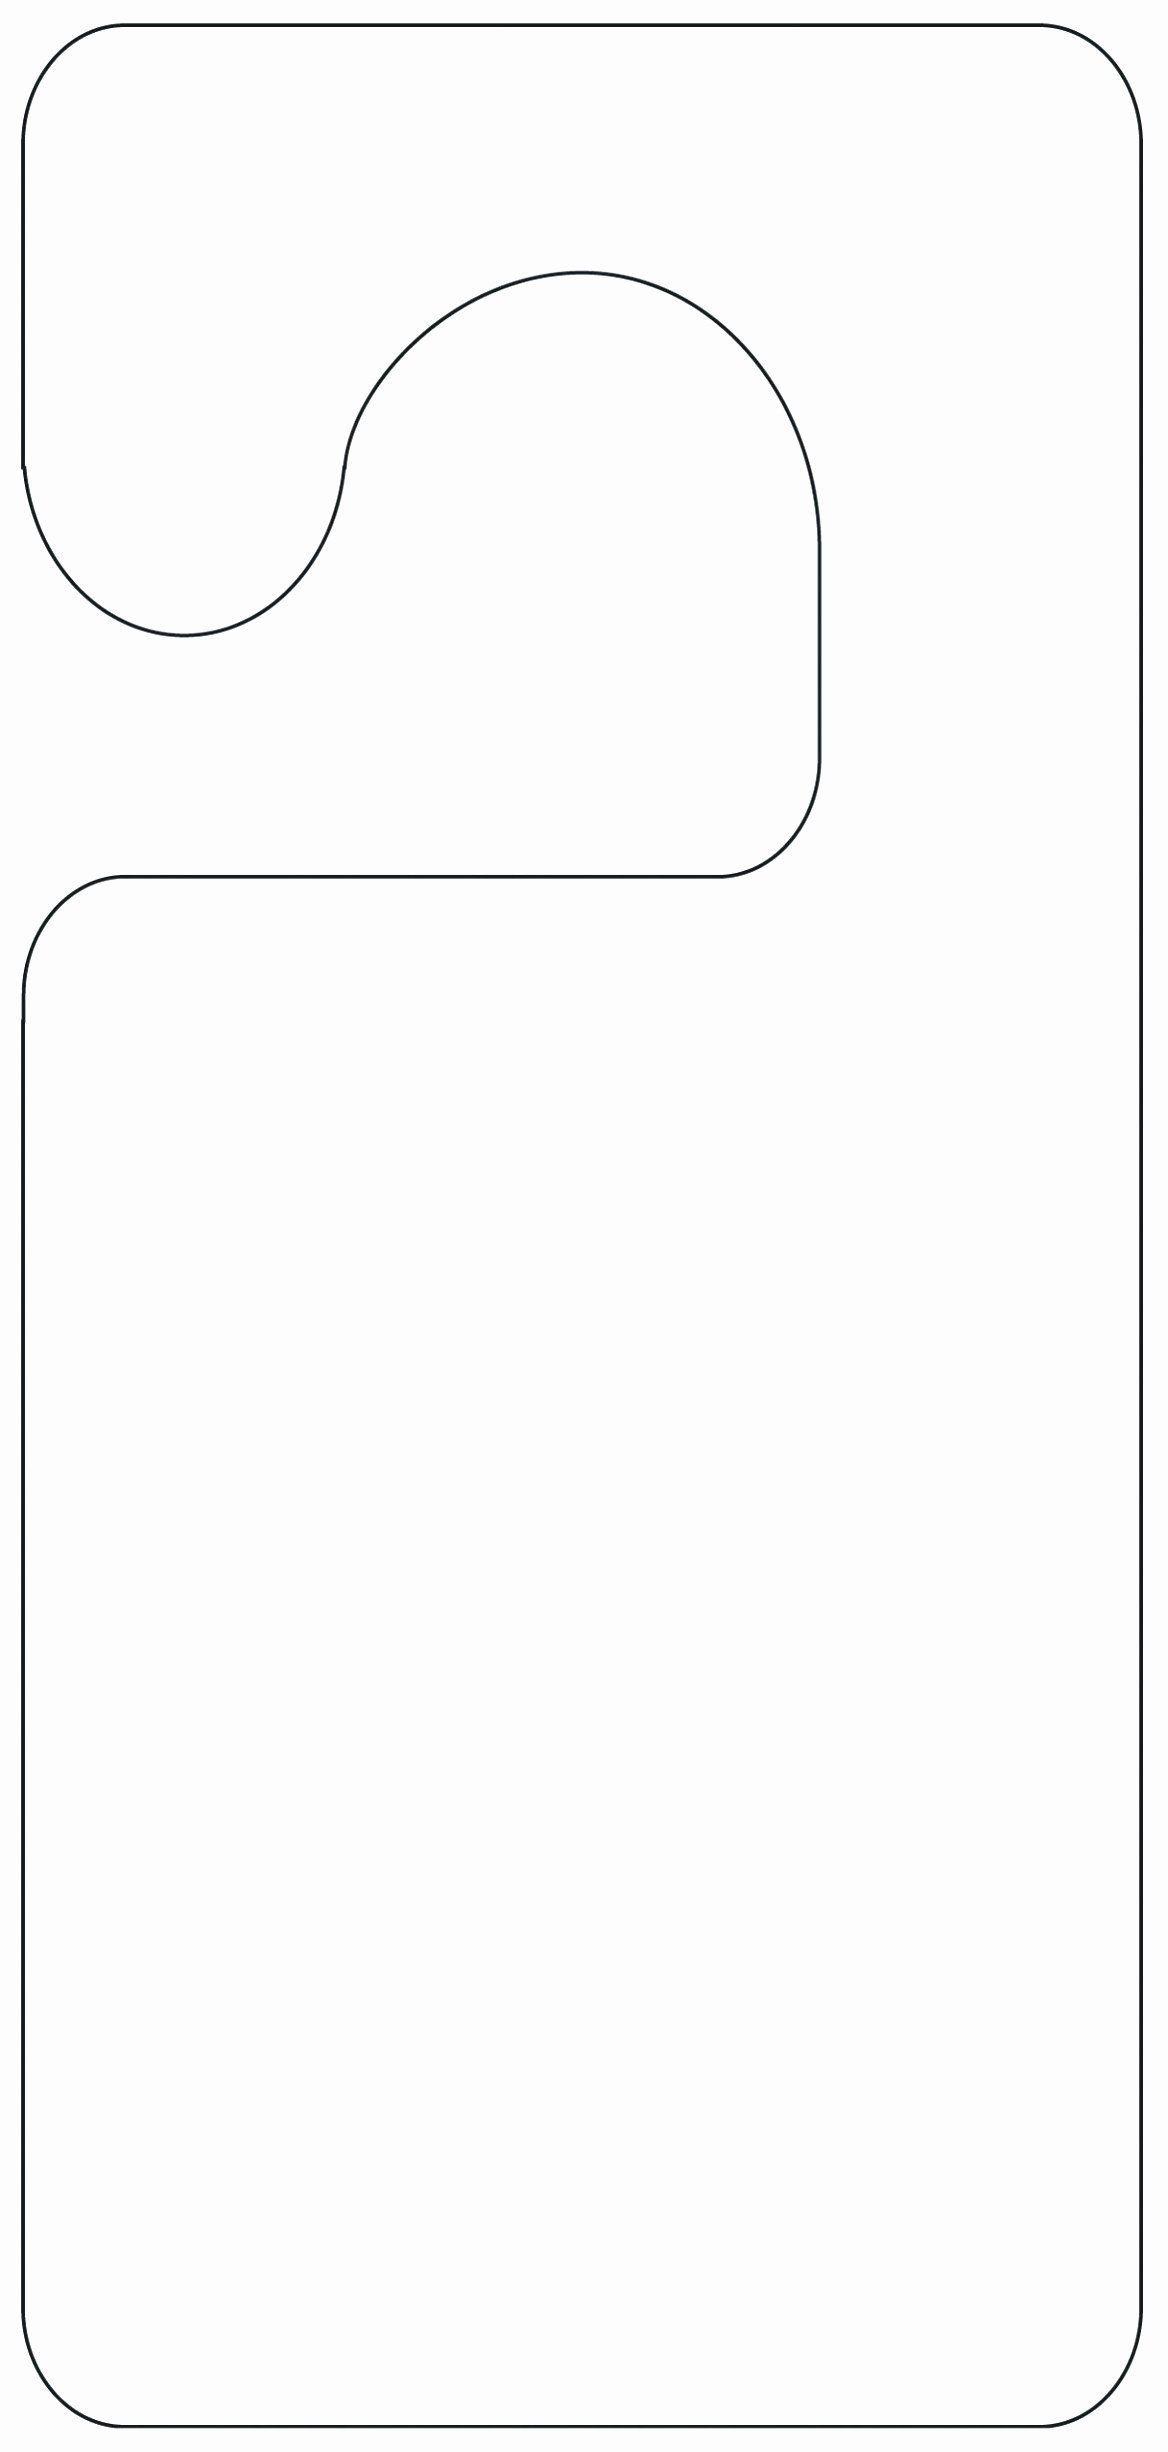 002 Fantastic Free Template For Door Hanger Word Image  WeddingFull